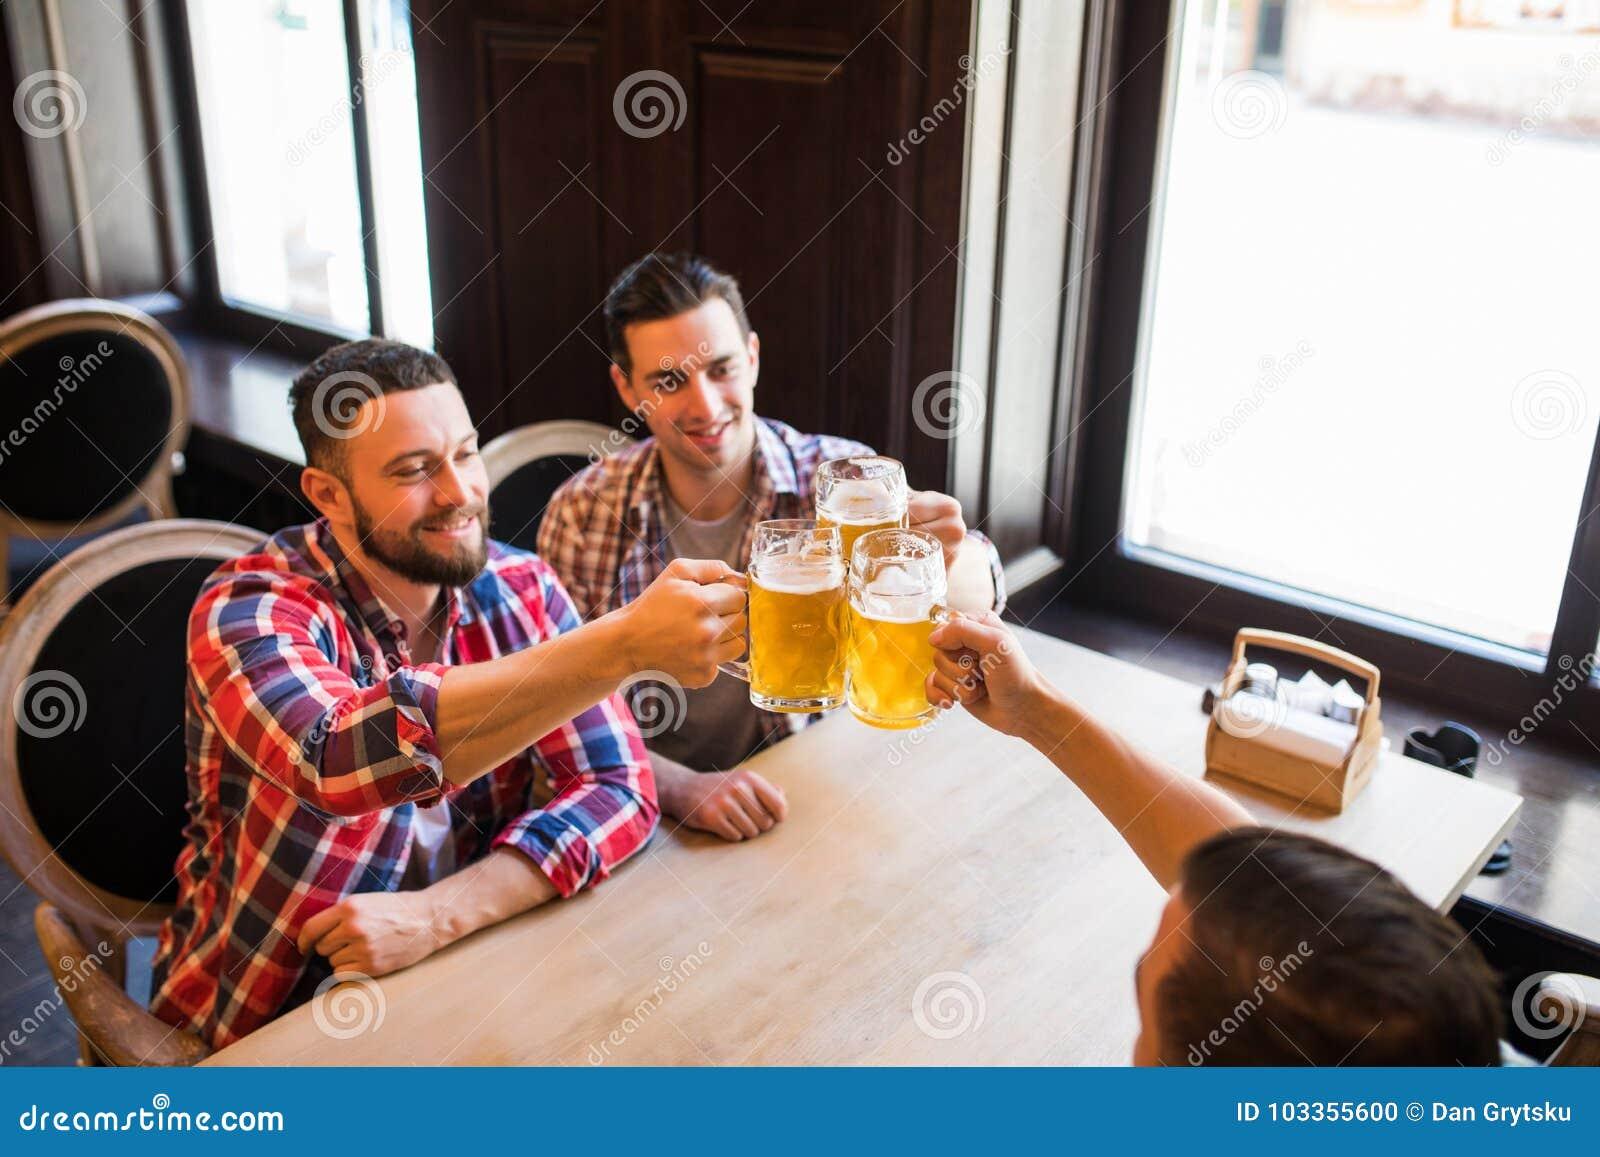 раз я выпил с друзьями по привычке слушать - 11